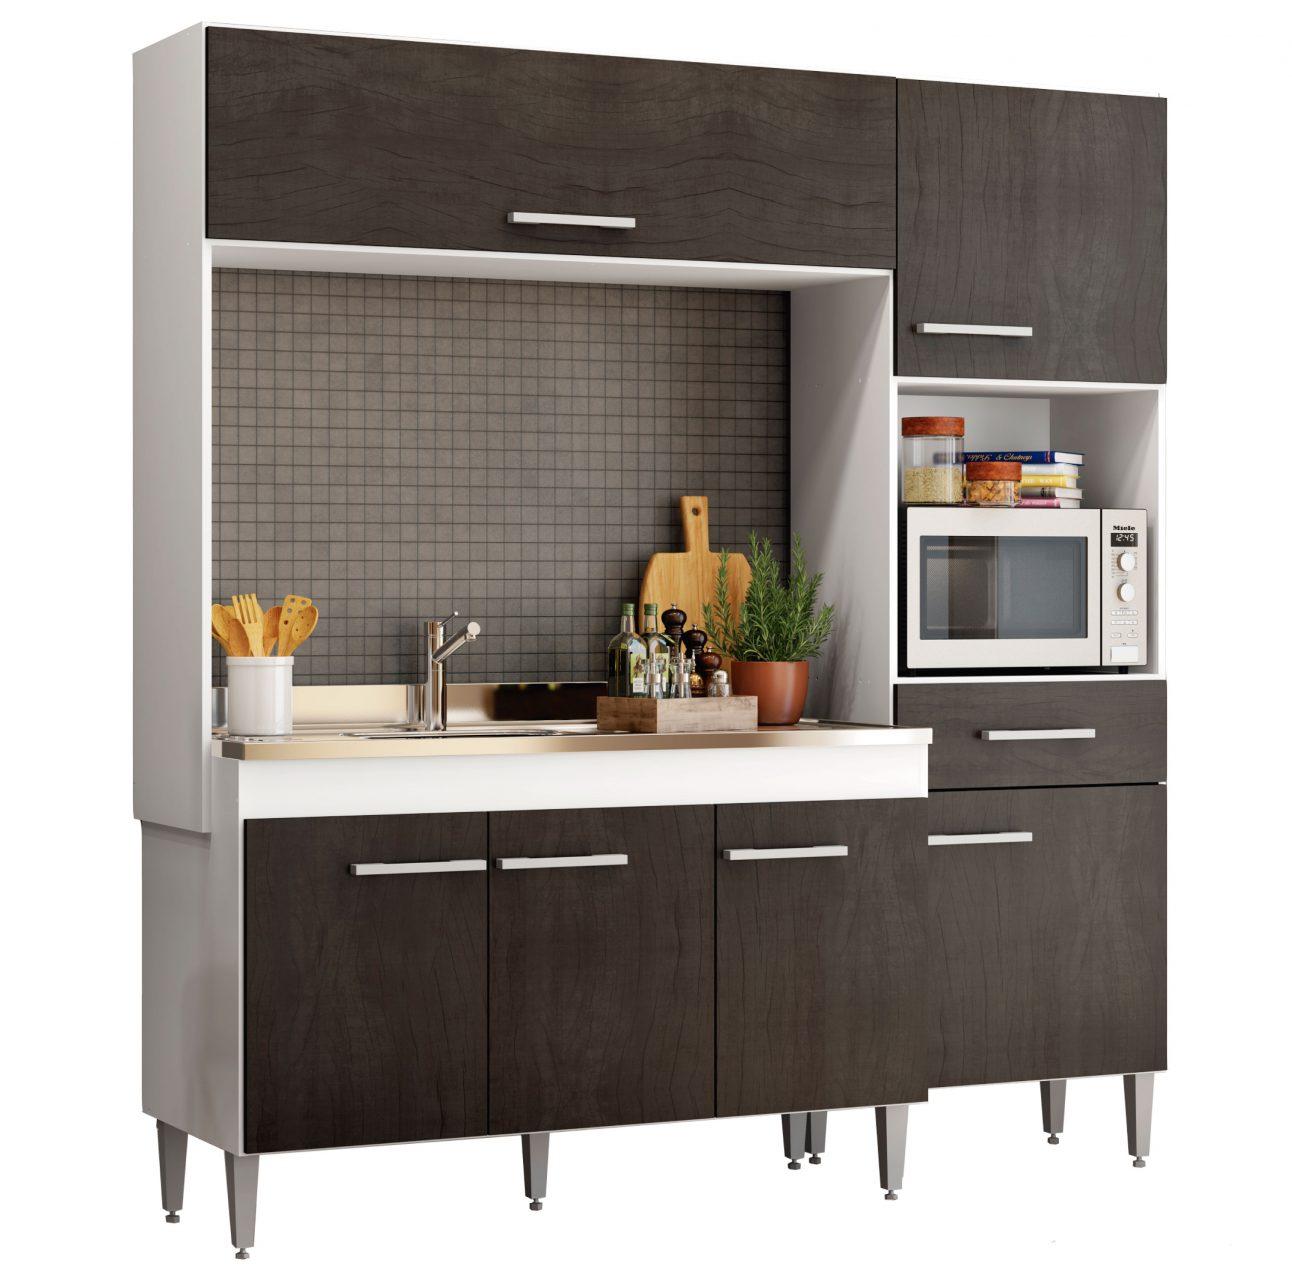 Muebles Cocina bajo mesada aereo multiuso 6 puertas 301 Pati